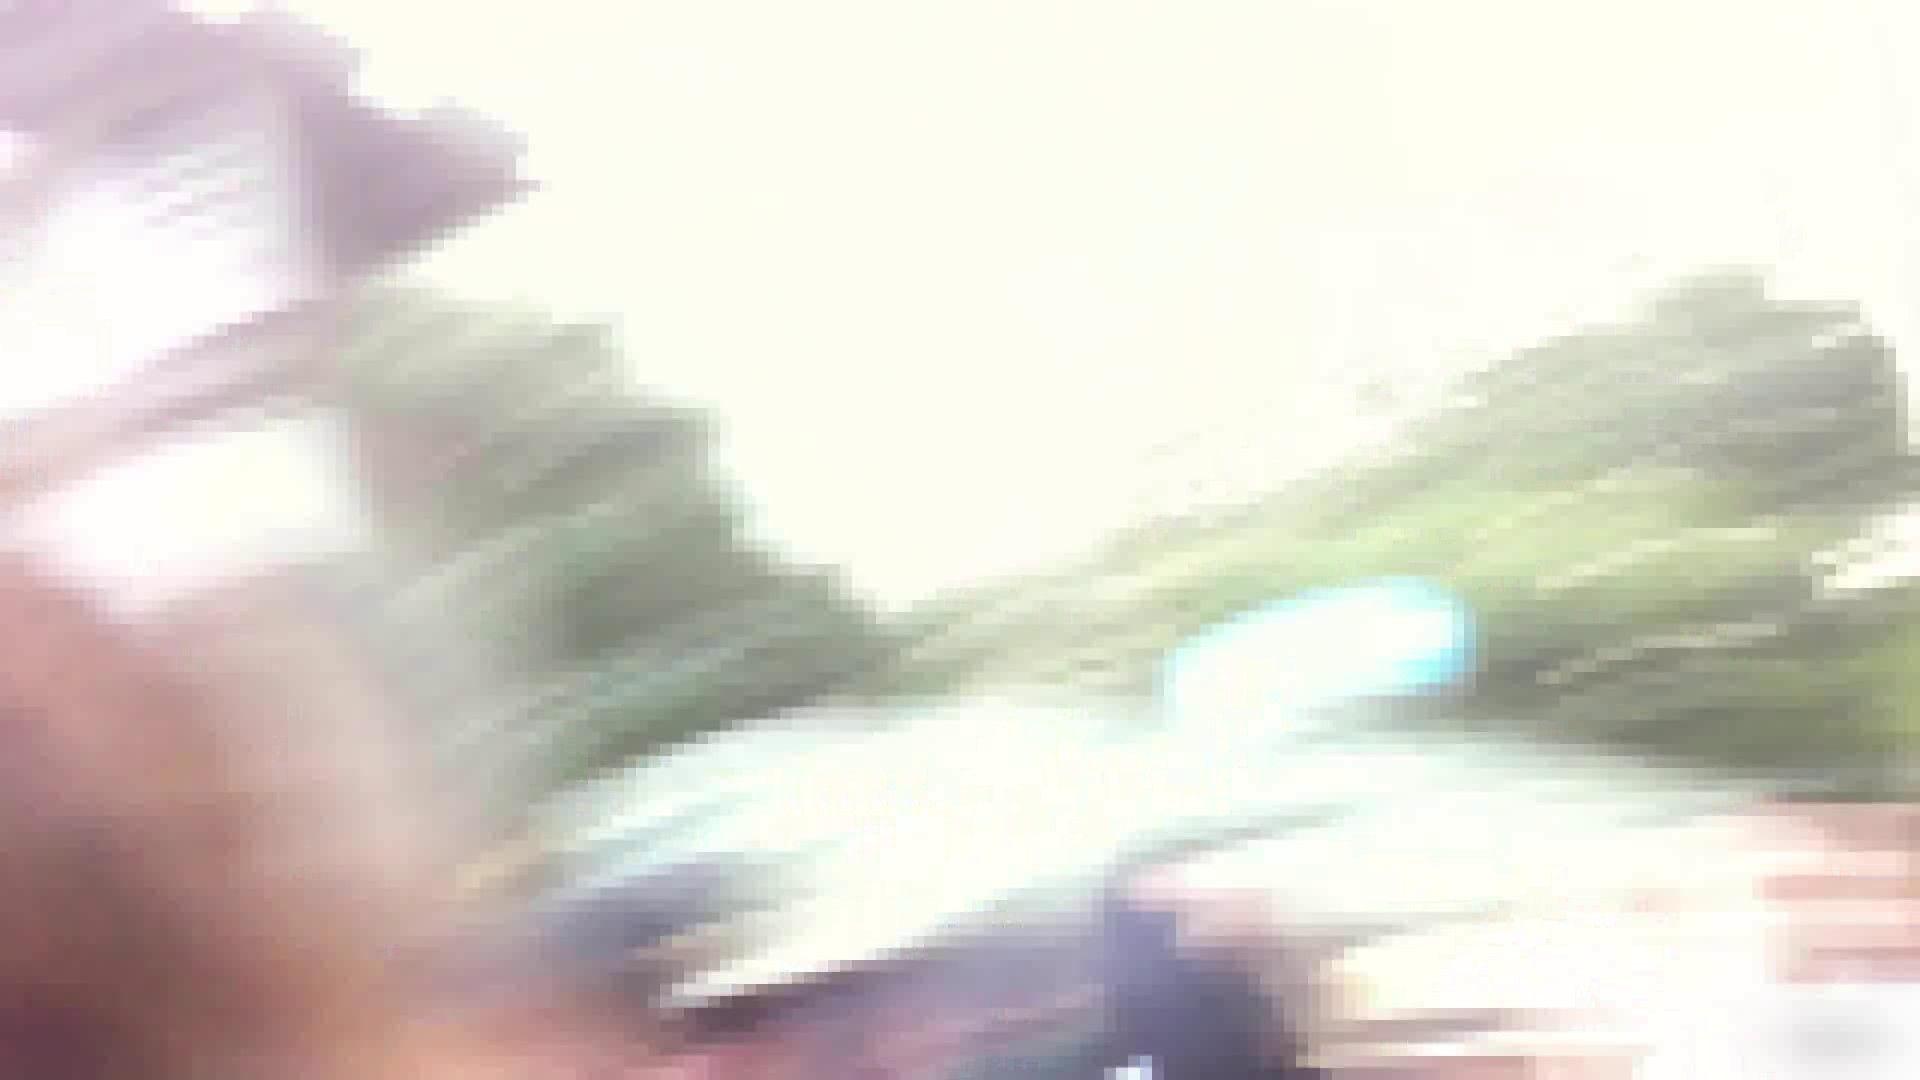 ガールズパンチラストリートビューVol.029 小悪魔ギャル おまんこ動画流出 60連発 54